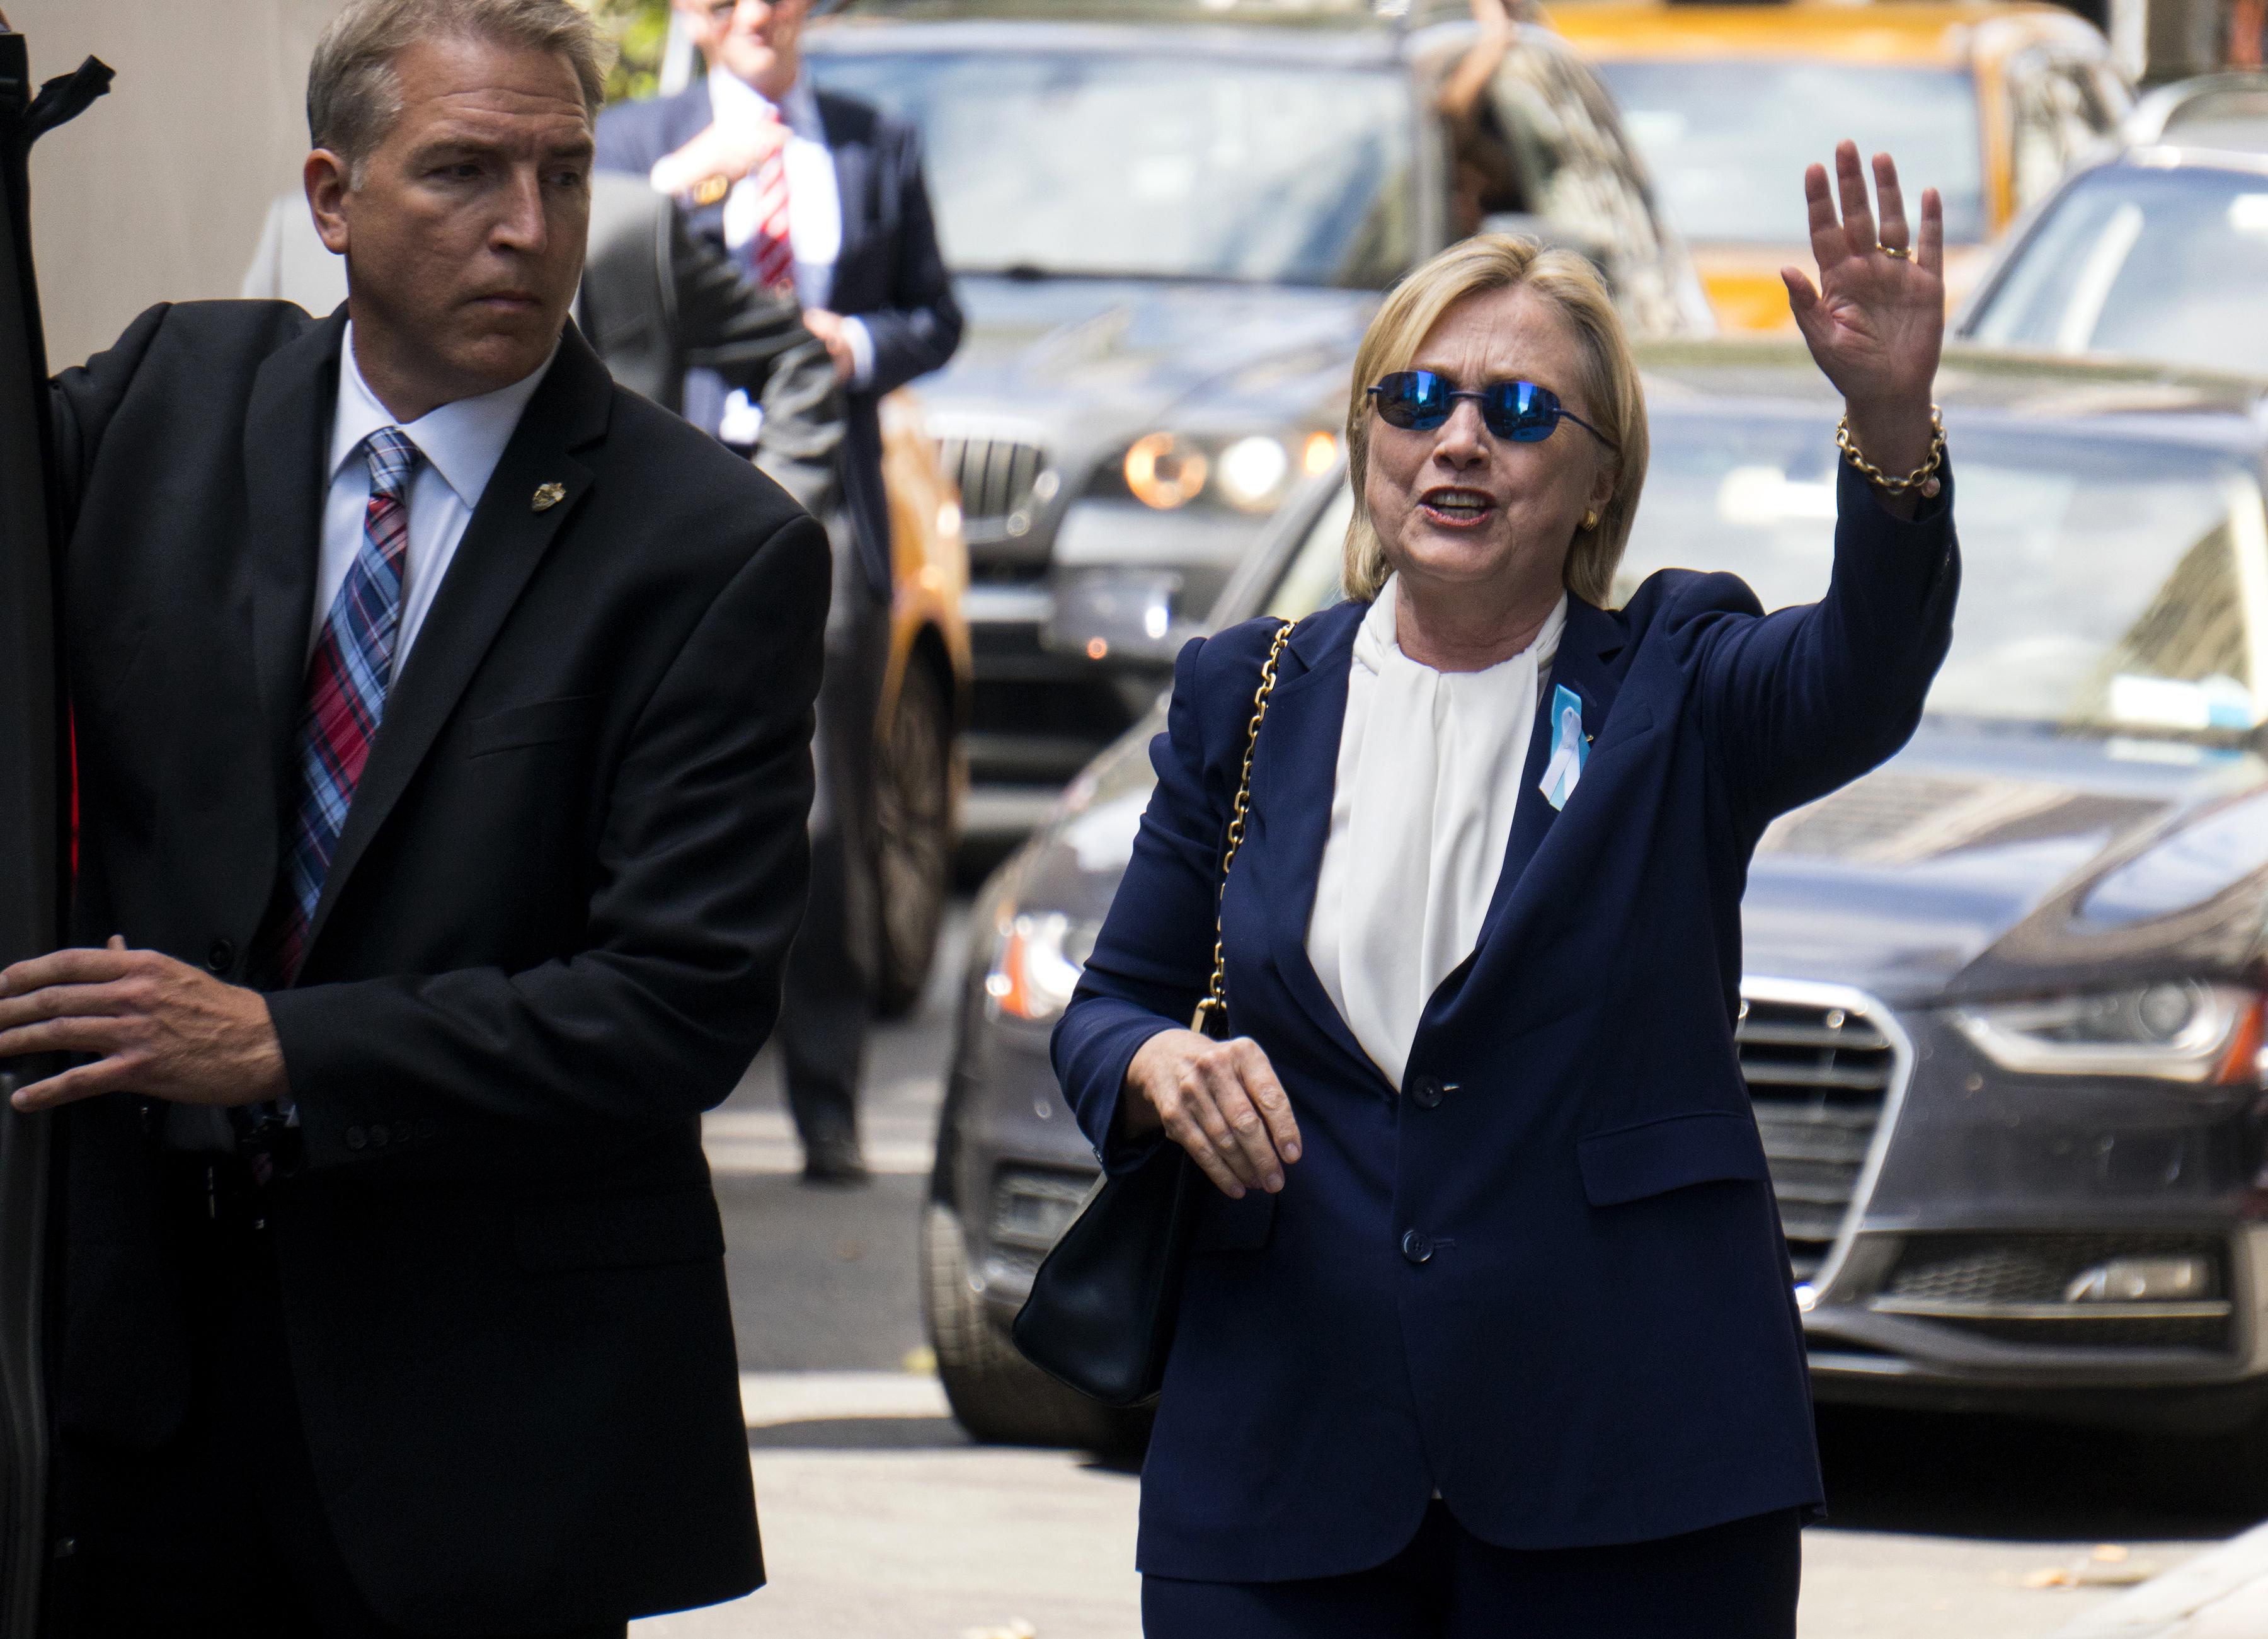 Hilarija Klintone pametot meitas dzīvokli, kur devās pēc vājuma brīža 11.septembra piemiņas pasākuma laikā Ņujorkā.